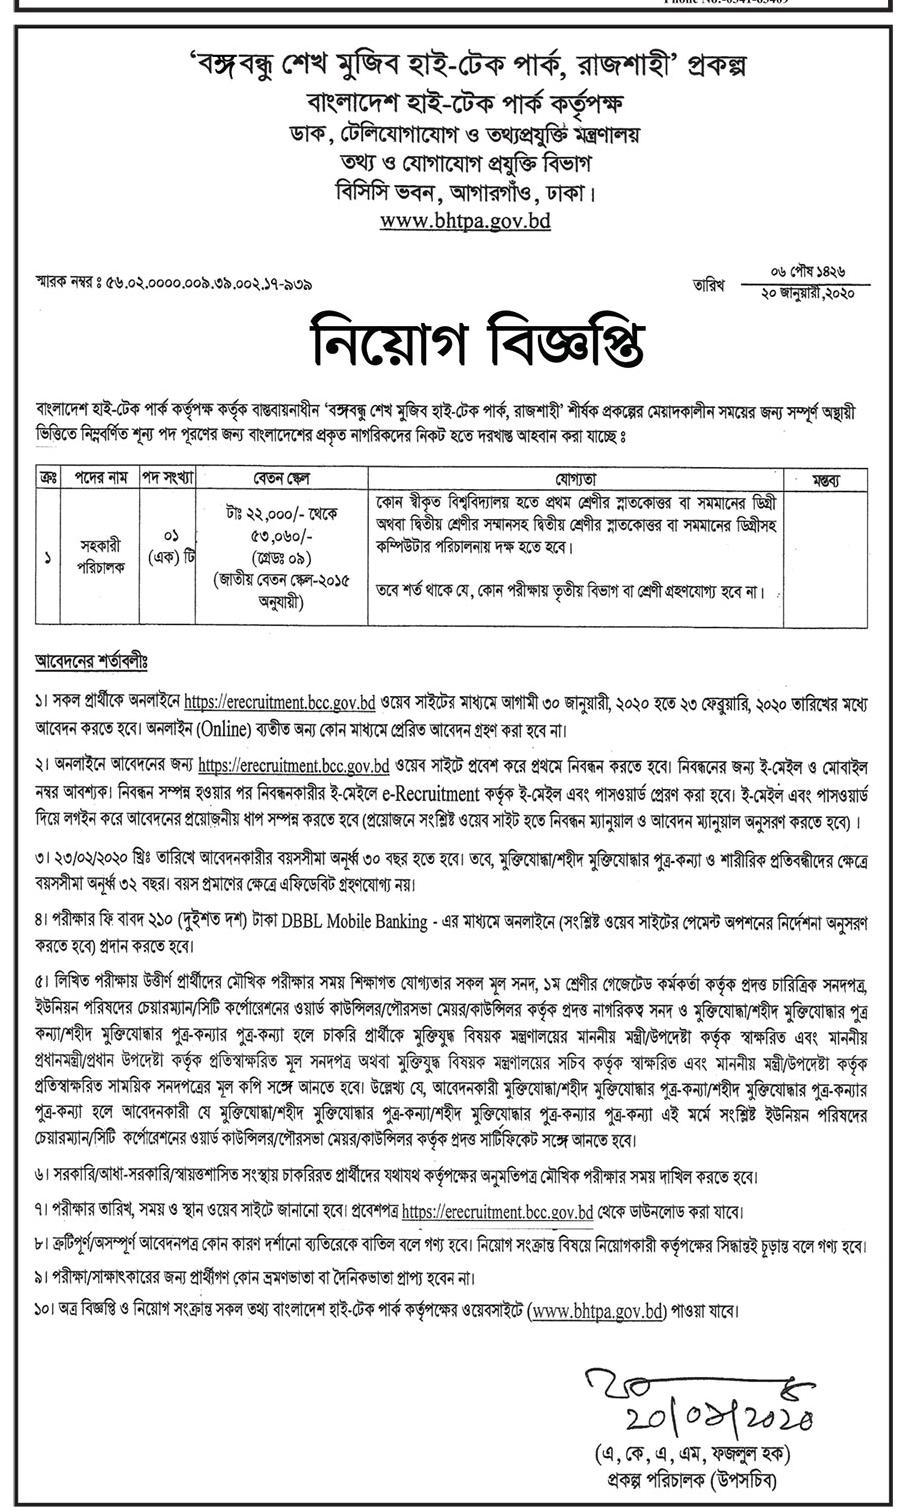 Bangladesh High Tech Park Job Circular 2020